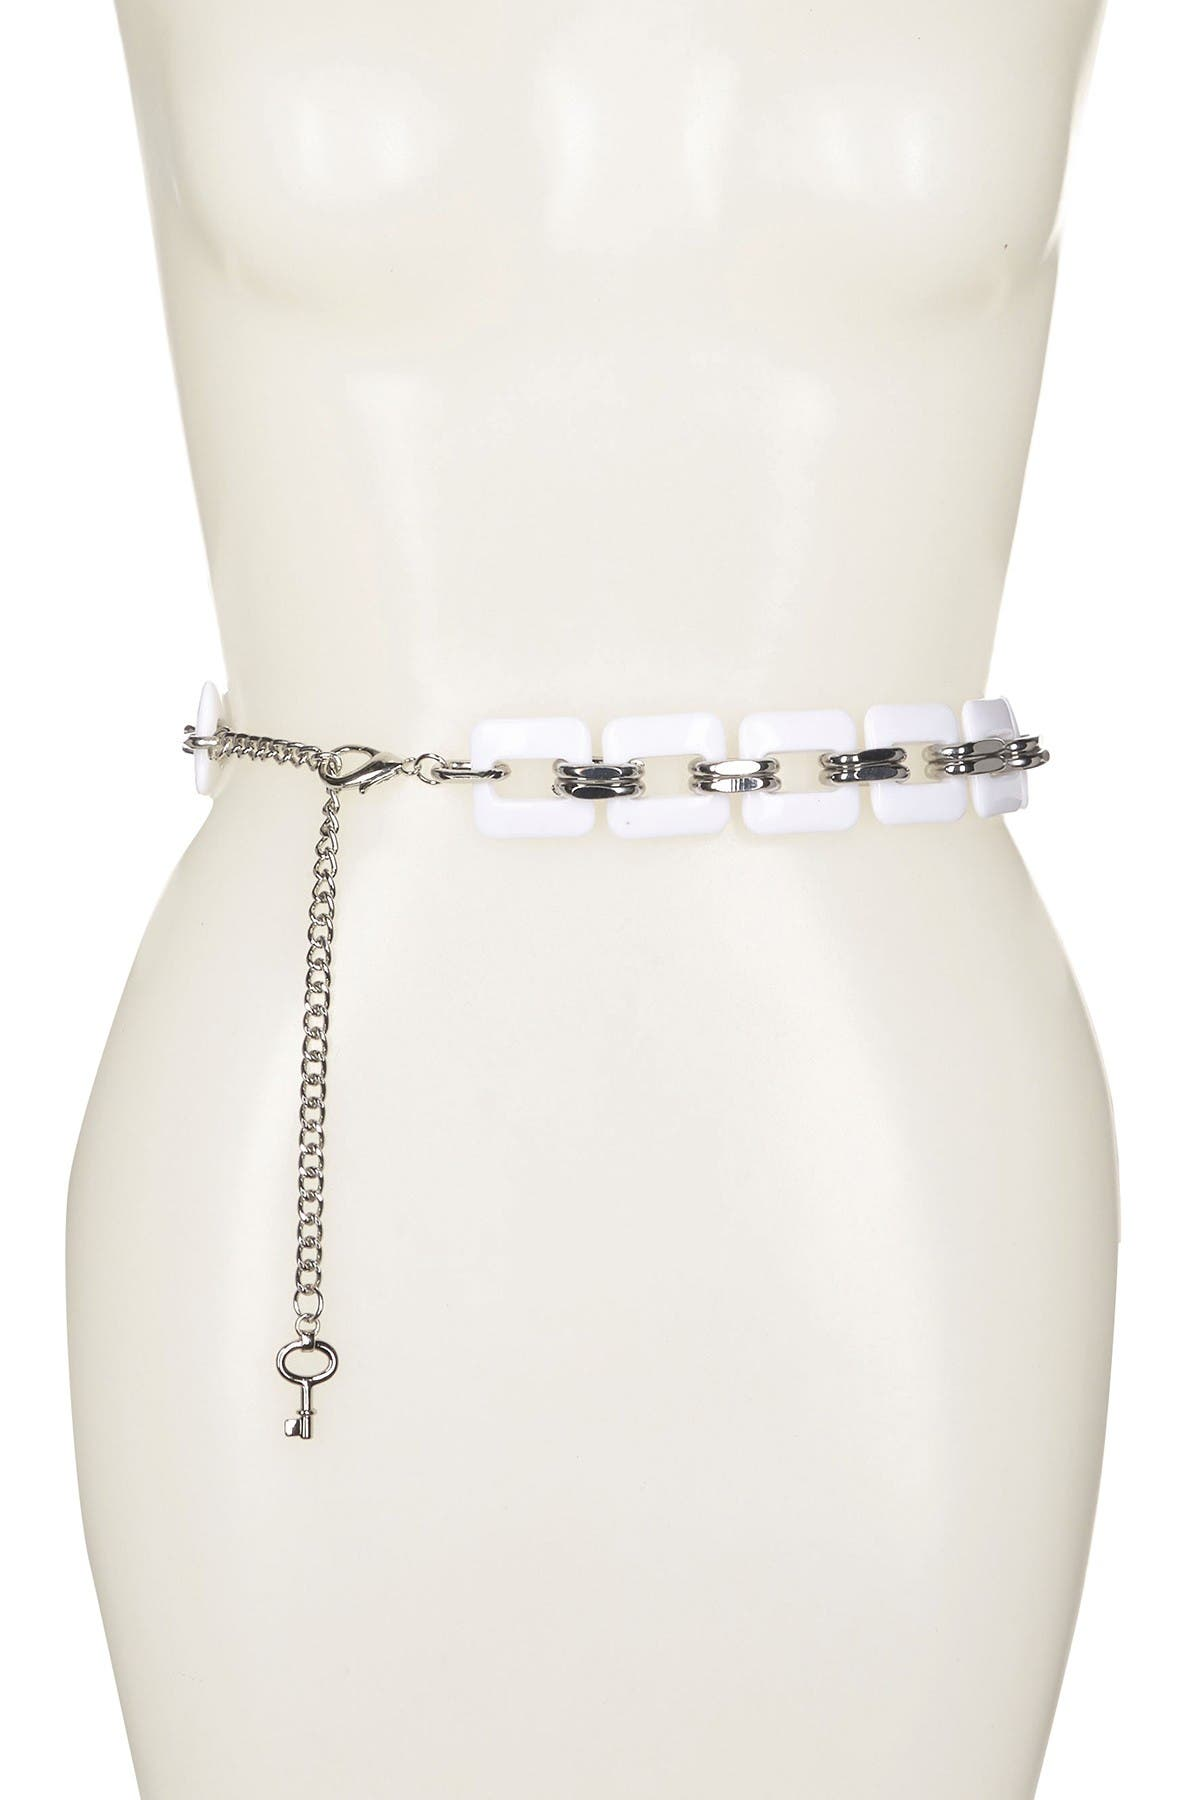 Image of Linea Pelle Resin Chain Belt